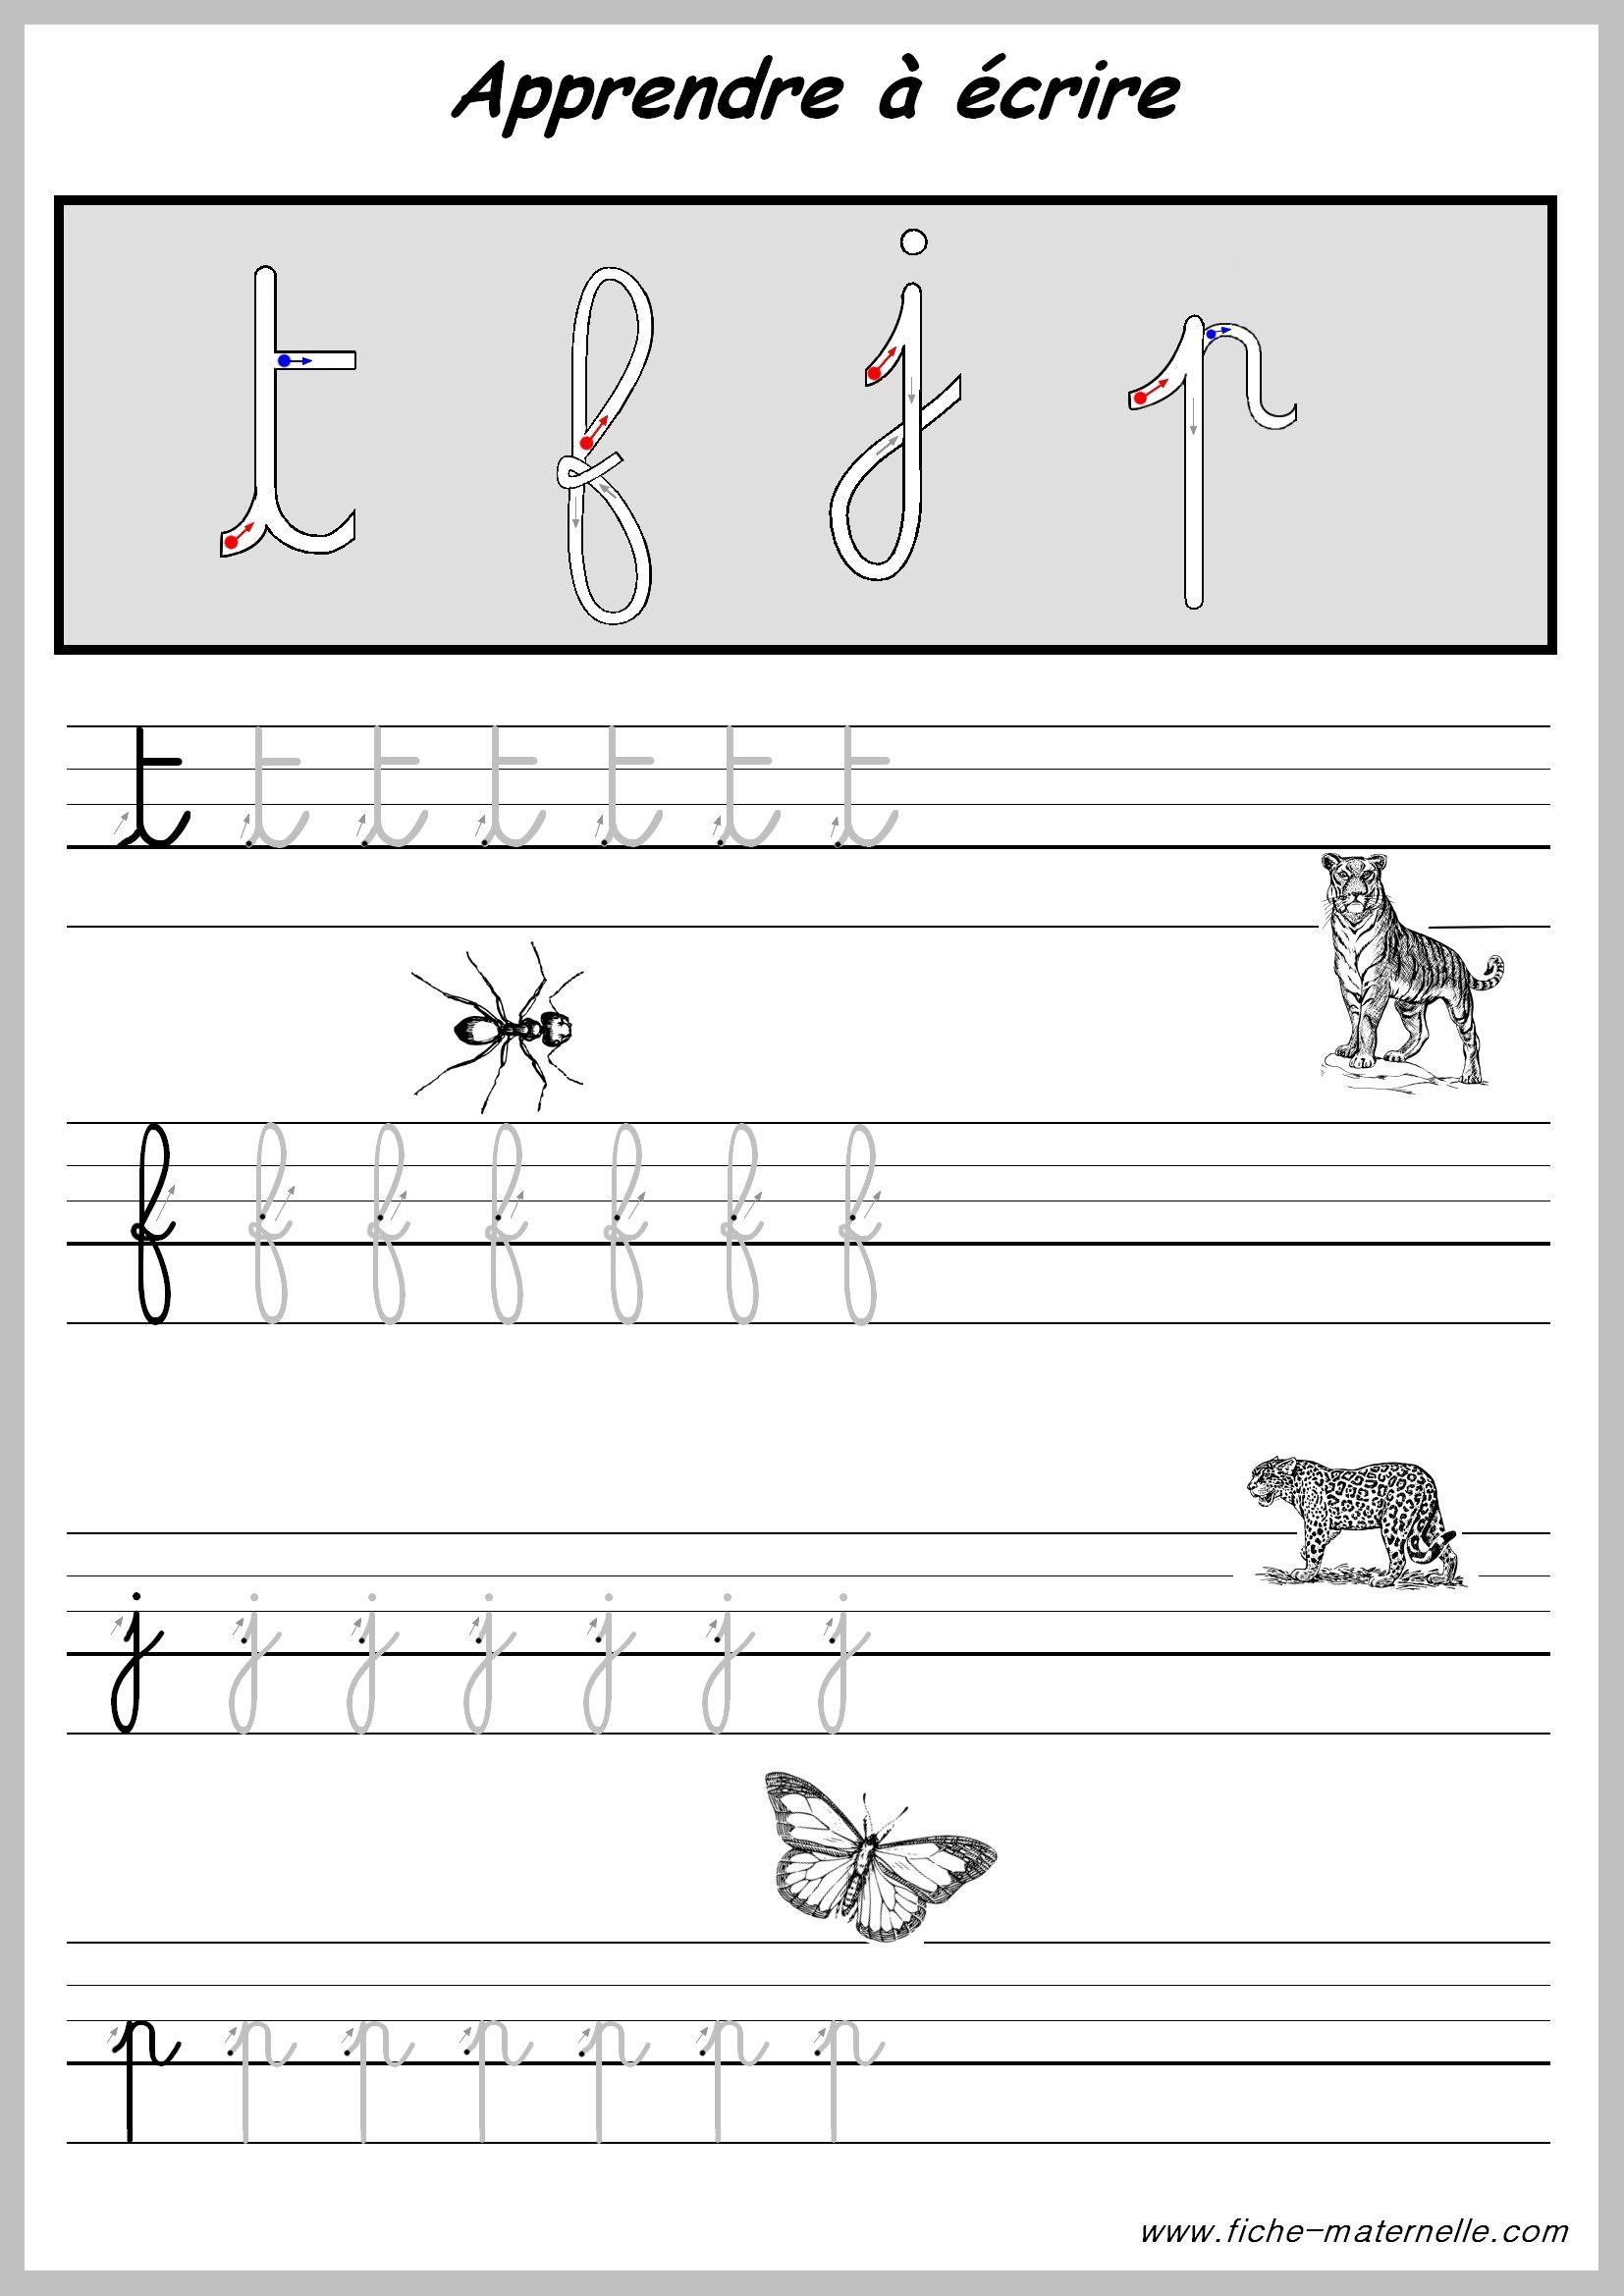 Exercices Pour Apprendre A Ecrire Les Lettres. | Écrire En tout Apprendre À Écrire Les Lettres Maternelle